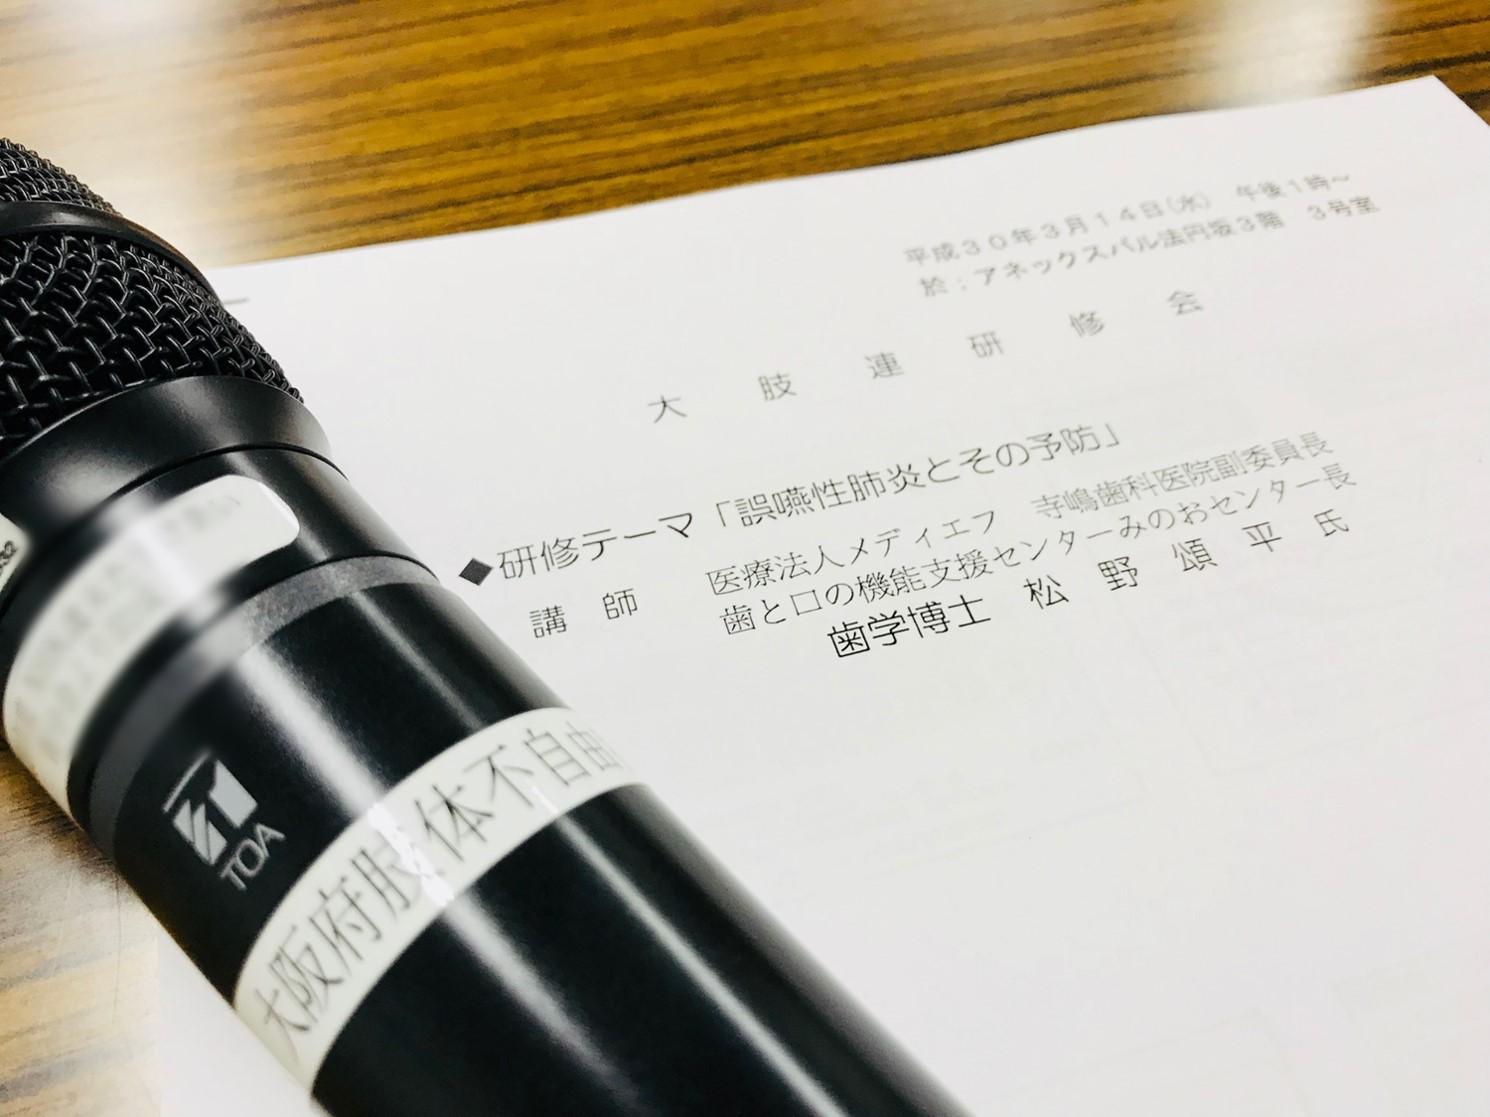 2018.3.14大肢連①.jpg